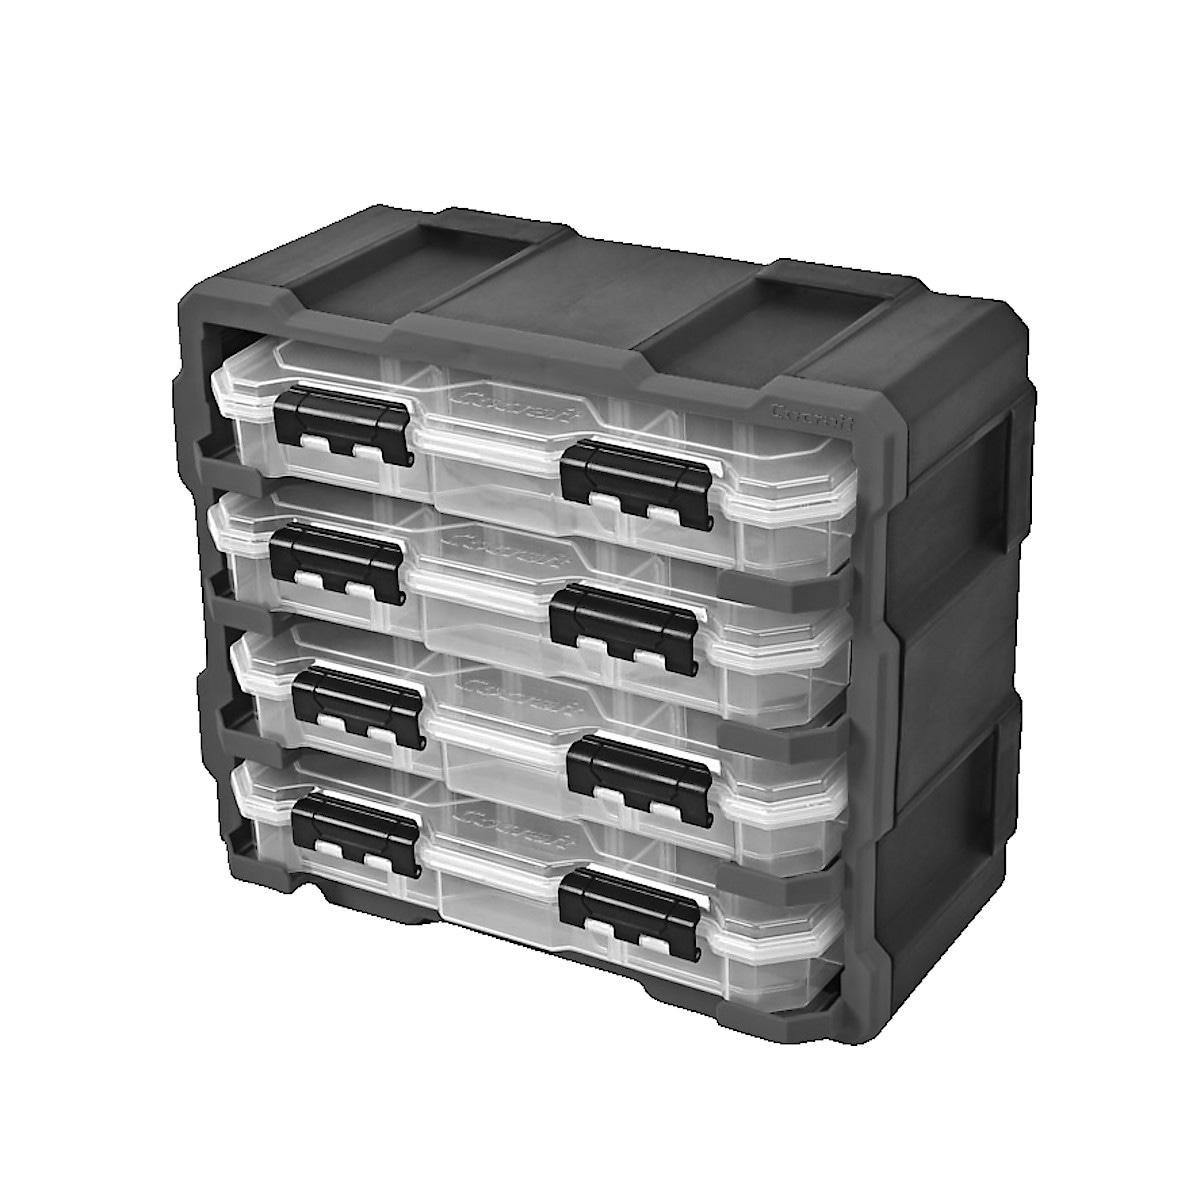 Magazinbox Cocraft FSS, 4er-Pack